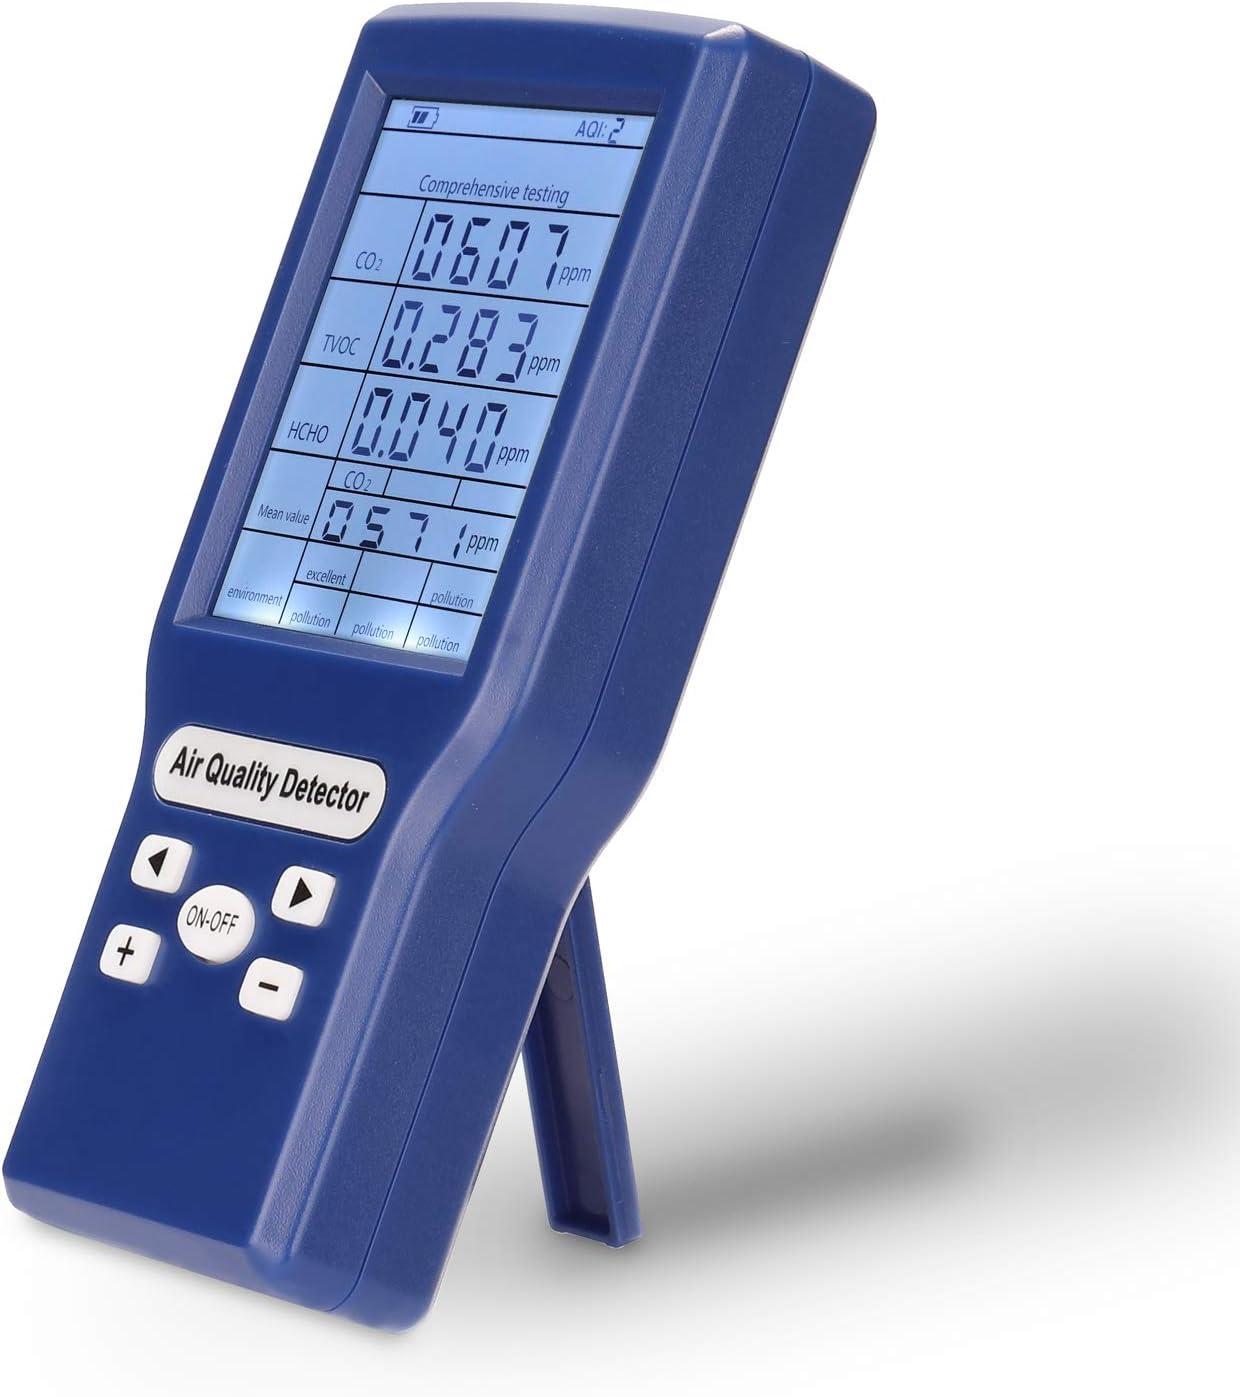 Fesjoy Multifunktionale CO2 ppm-Messger/äte Mini-Kohlendioxid-Detektor Gasanalysator Protable Air Quality Tester